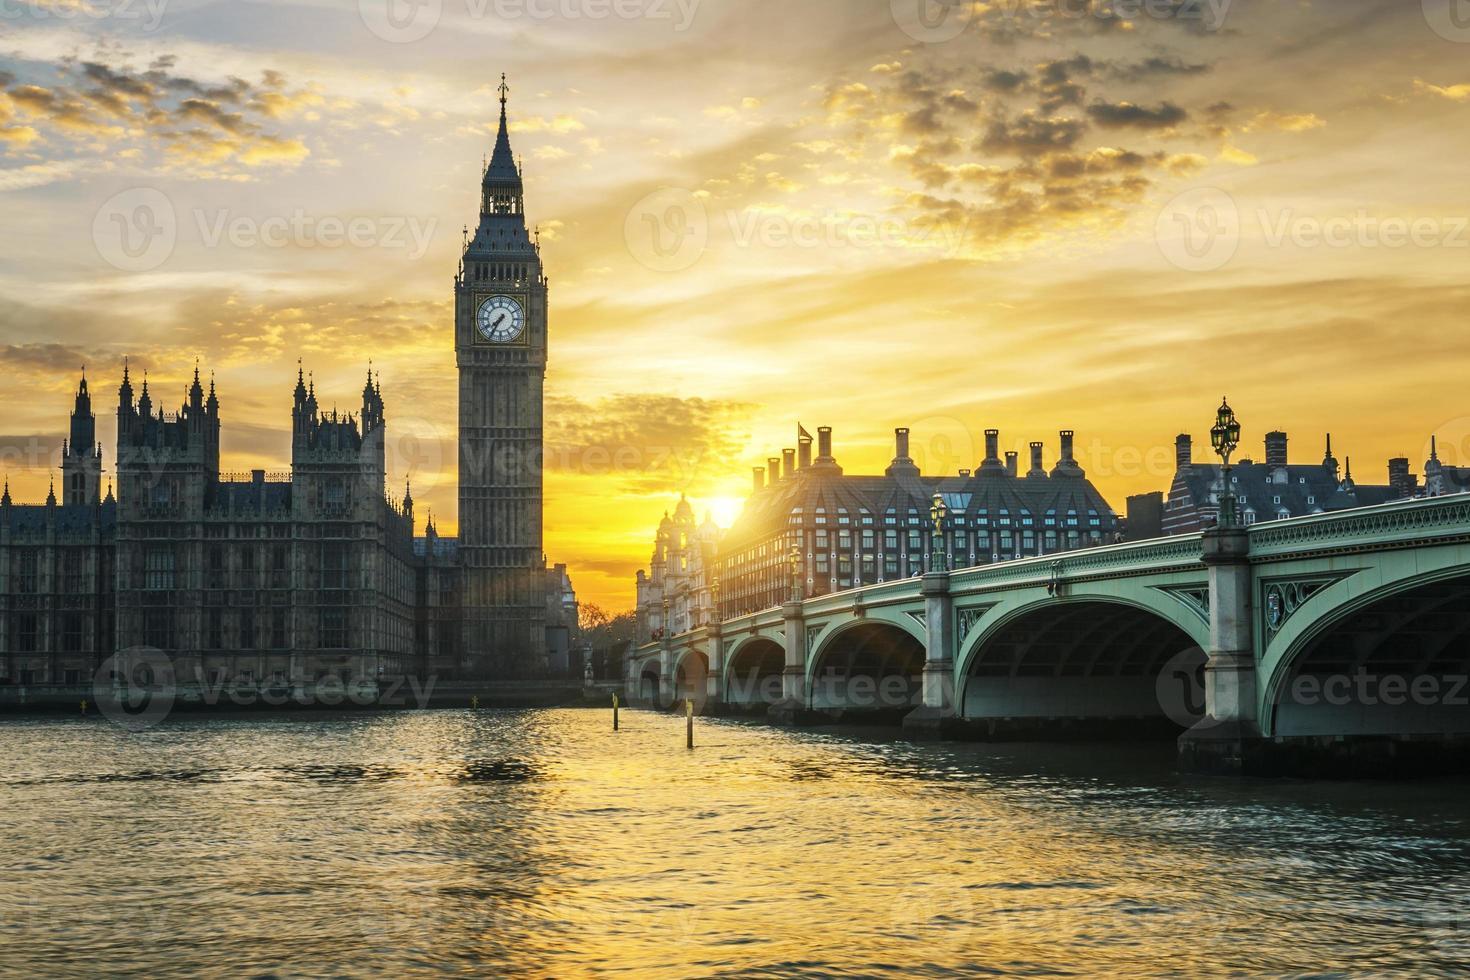 célèbre tour de l'horloge de Big Ben à Londres au coucher du soleil photo